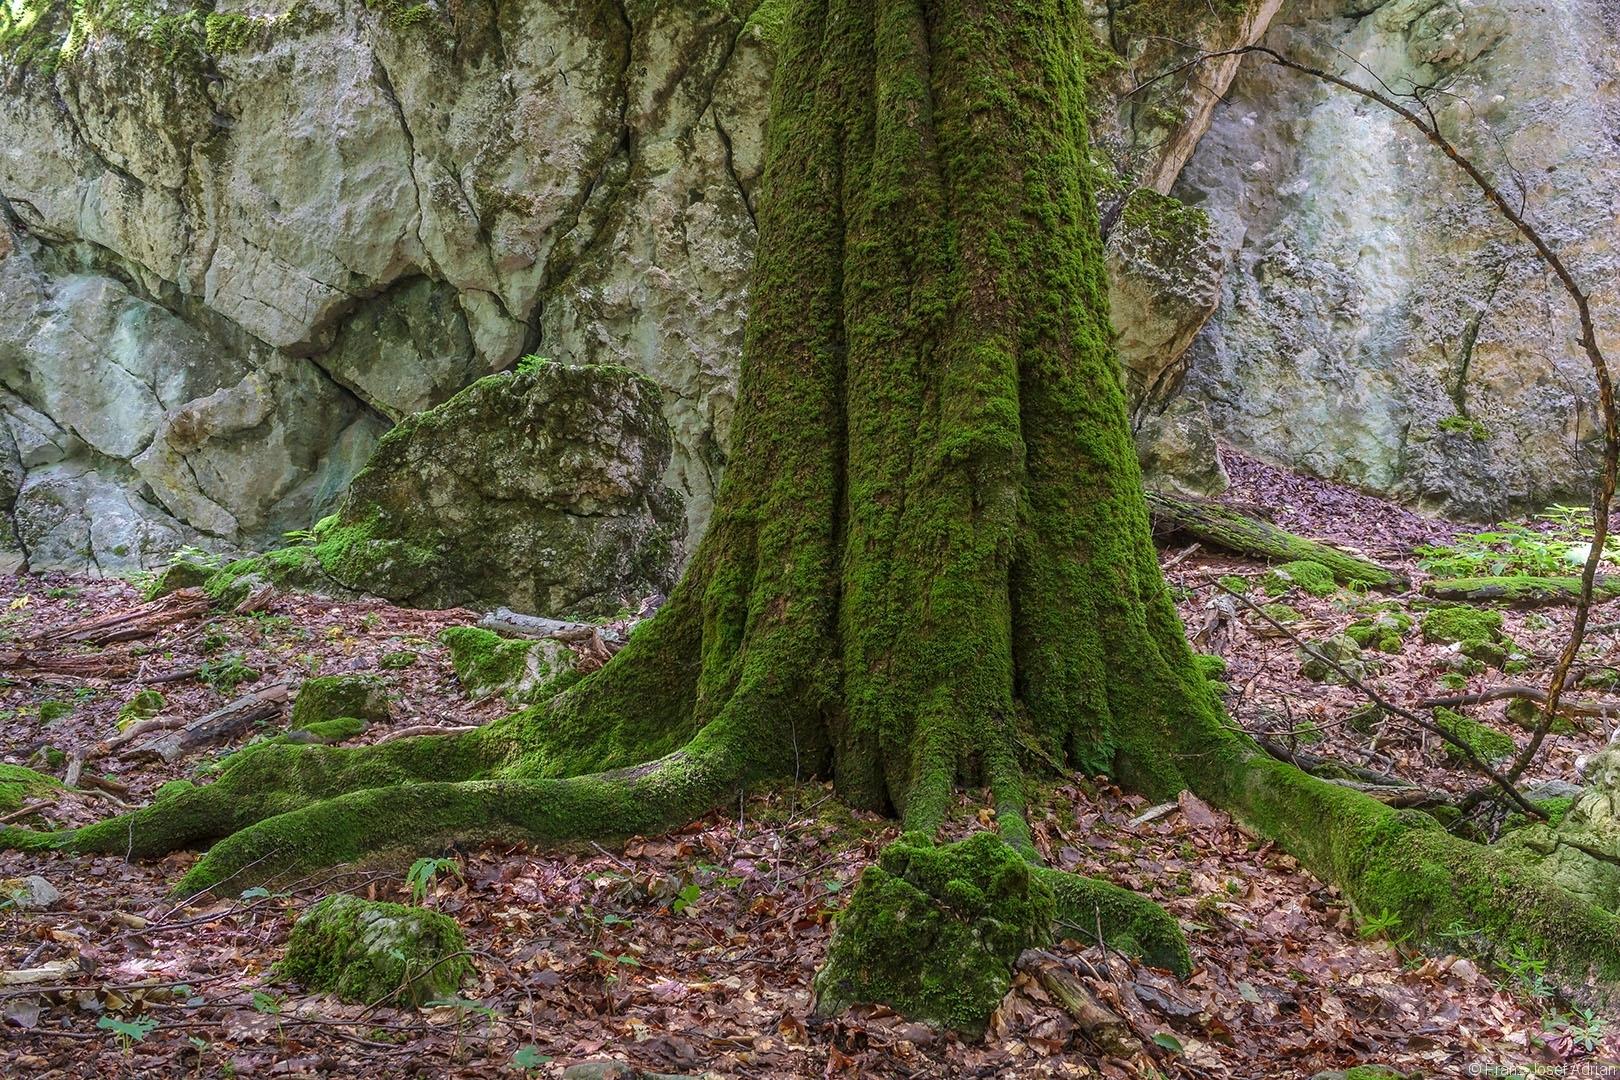 Uraltbuche am Fuß des Riesenfelsens Welyka Kopyzja